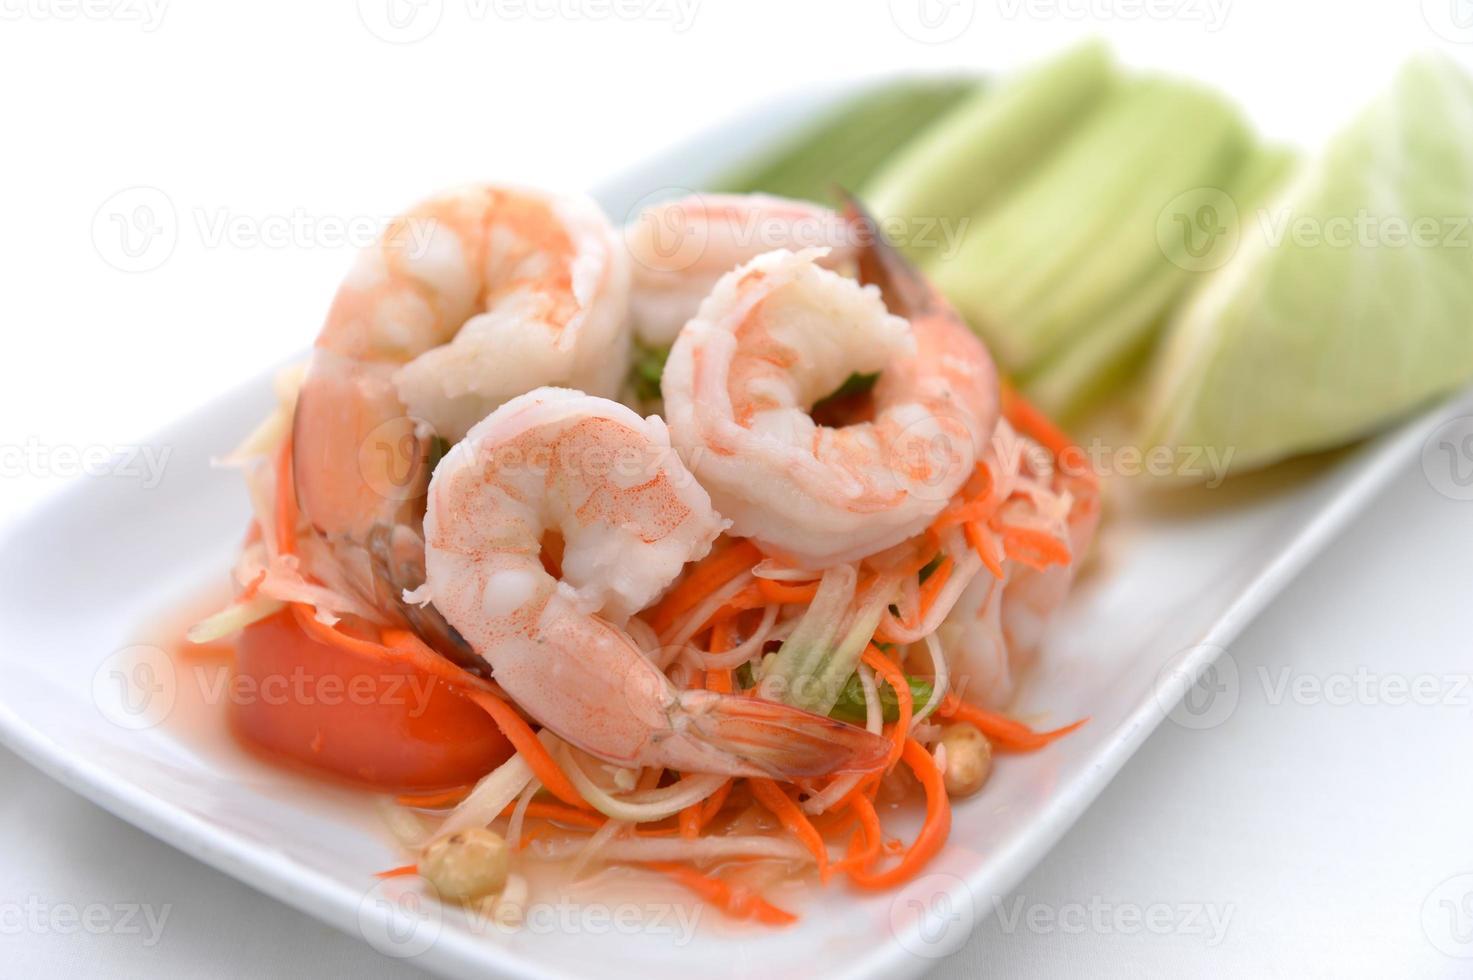 salade de papaye (cuisine thaïlandaise traditionnelle et moderne) photo